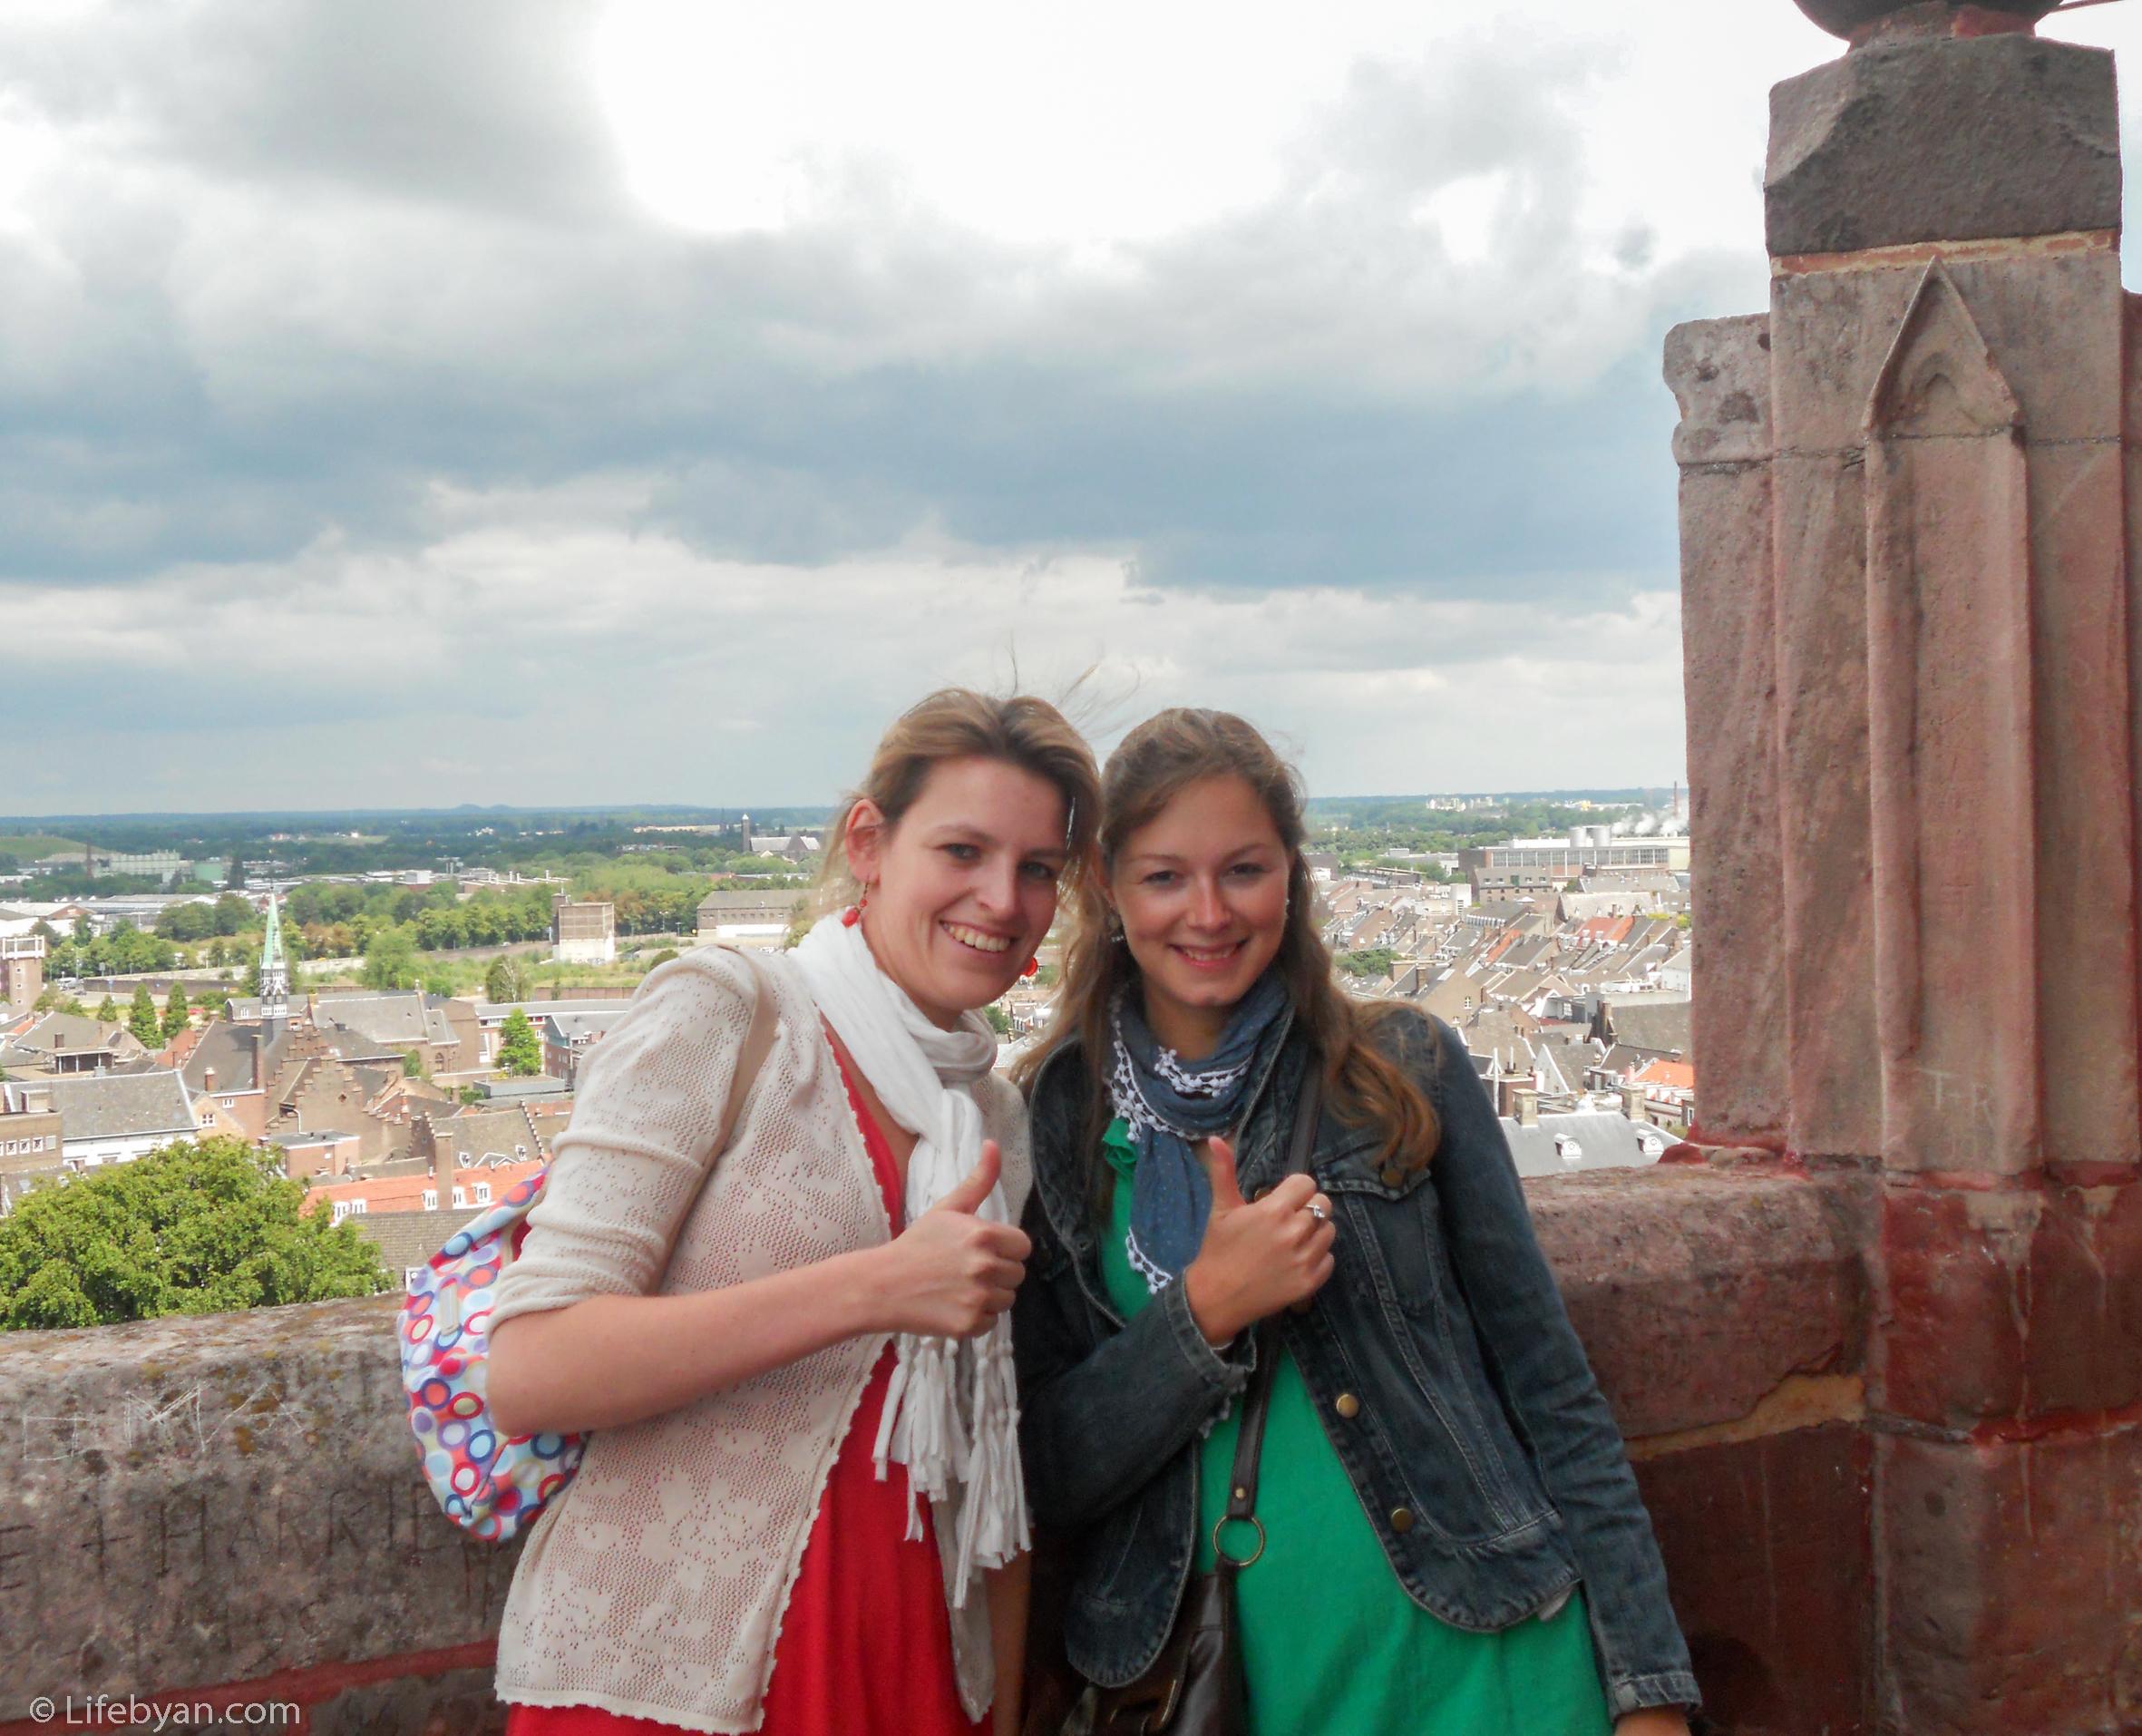 De toren van 80 meter beklommen, thumbs up ;-)